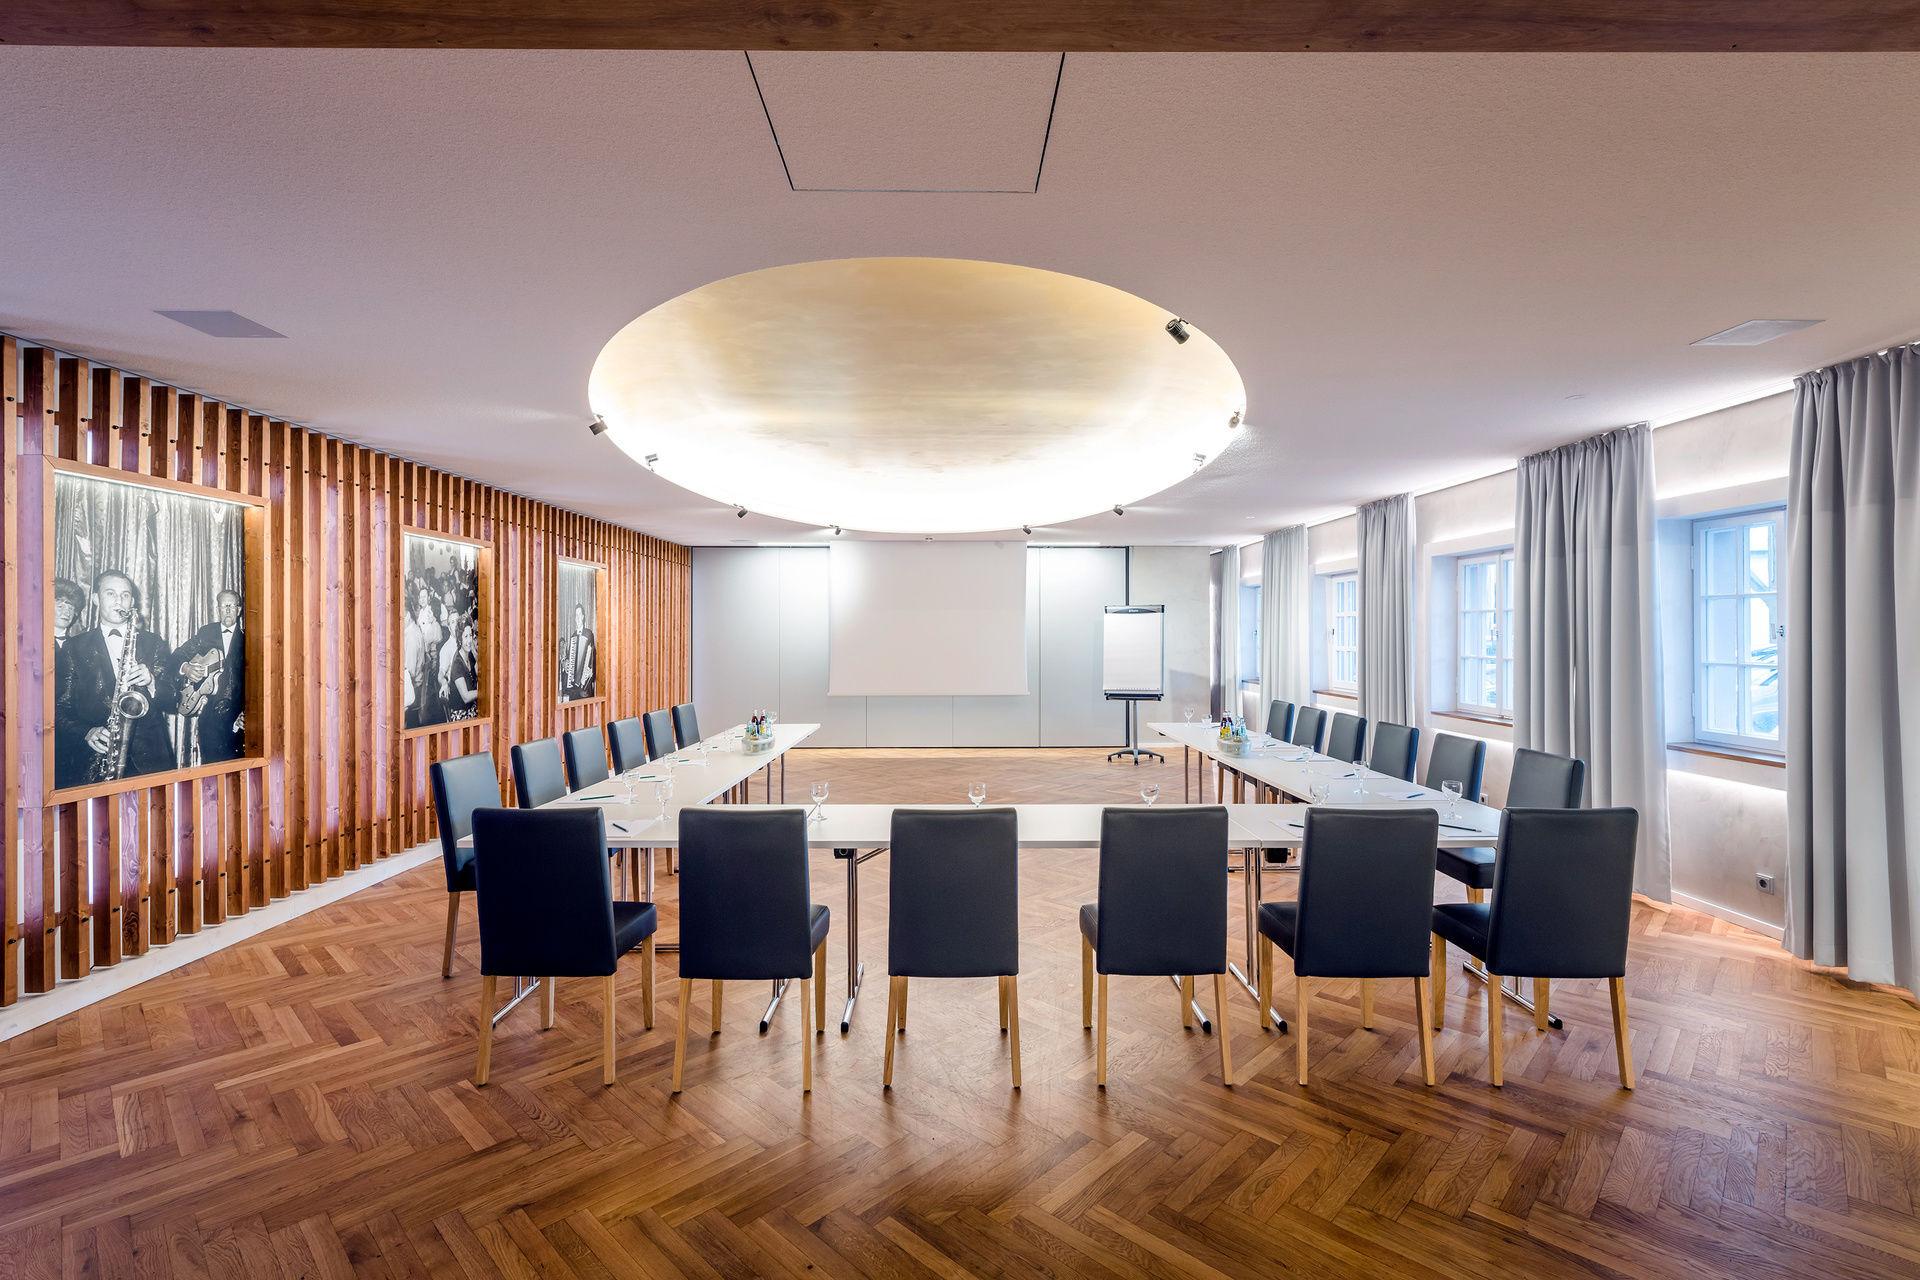 tagungshotel oberpf lzer wald seminarhotel bayern seminar hotel tagungs hotel amberg sulzbacher land. Black Bedroom Furniture Sets. Home Design Ideas